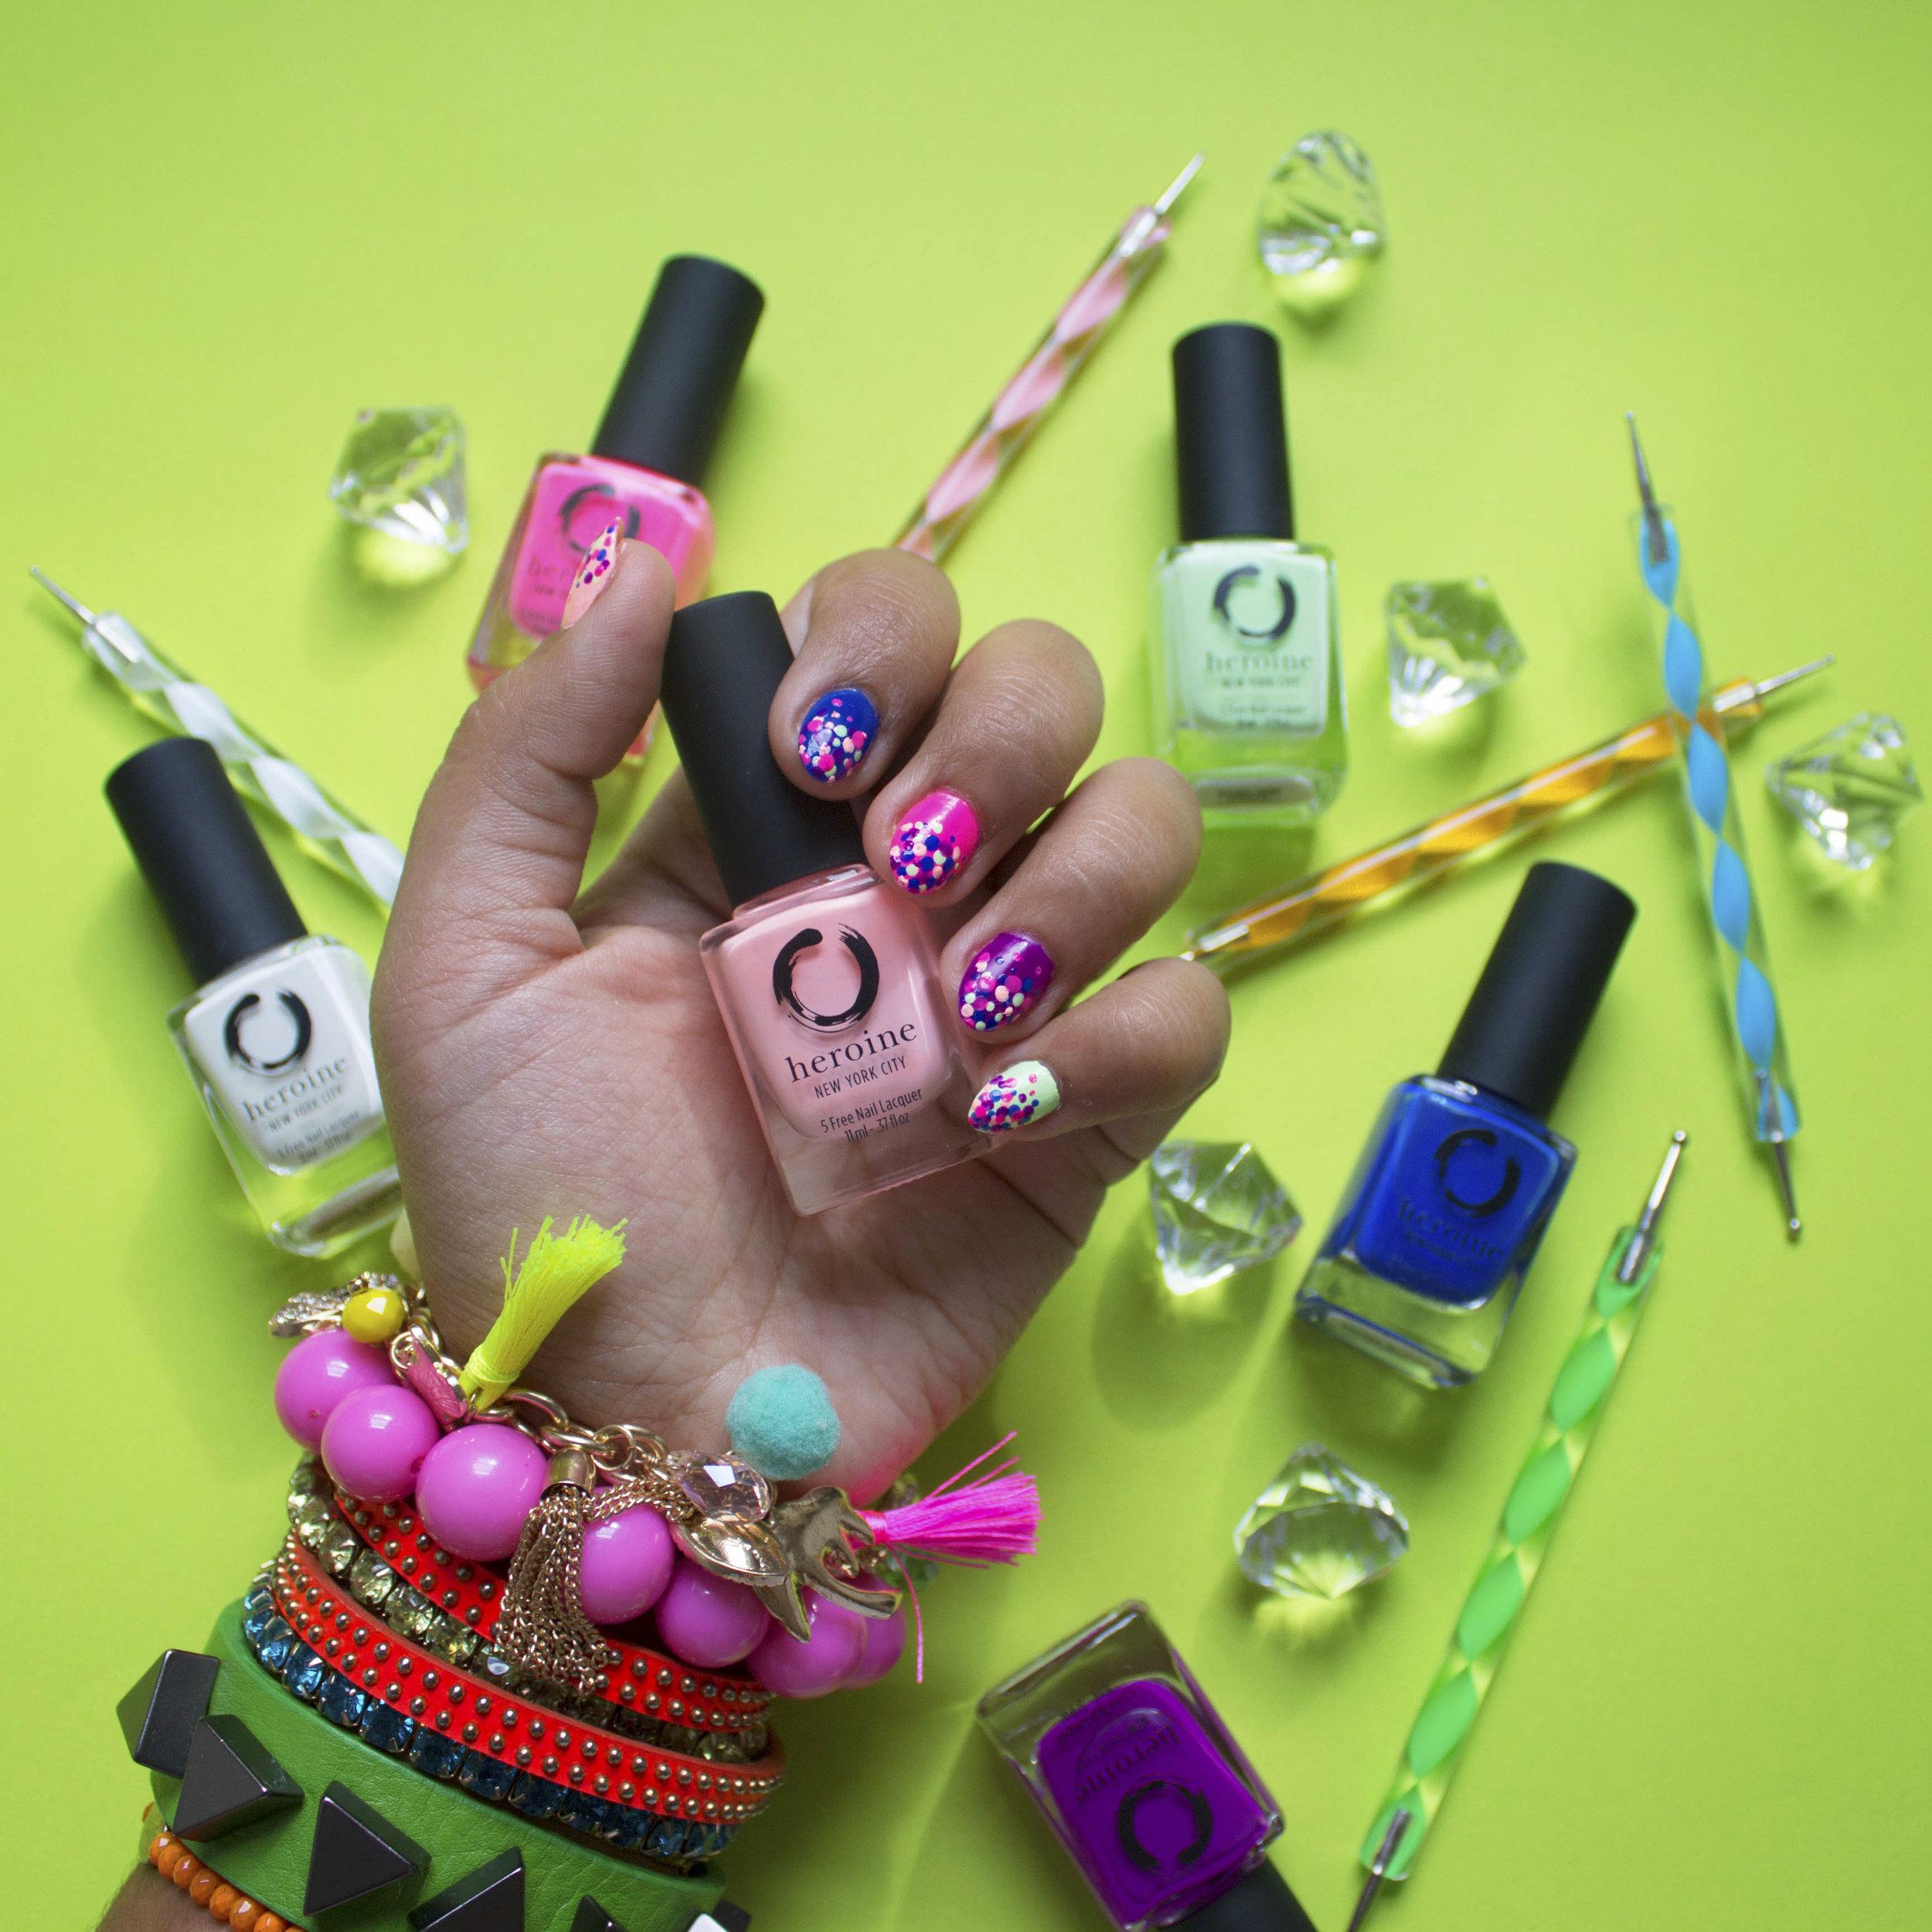 Heroine.nyc nail polish Krity S beauty